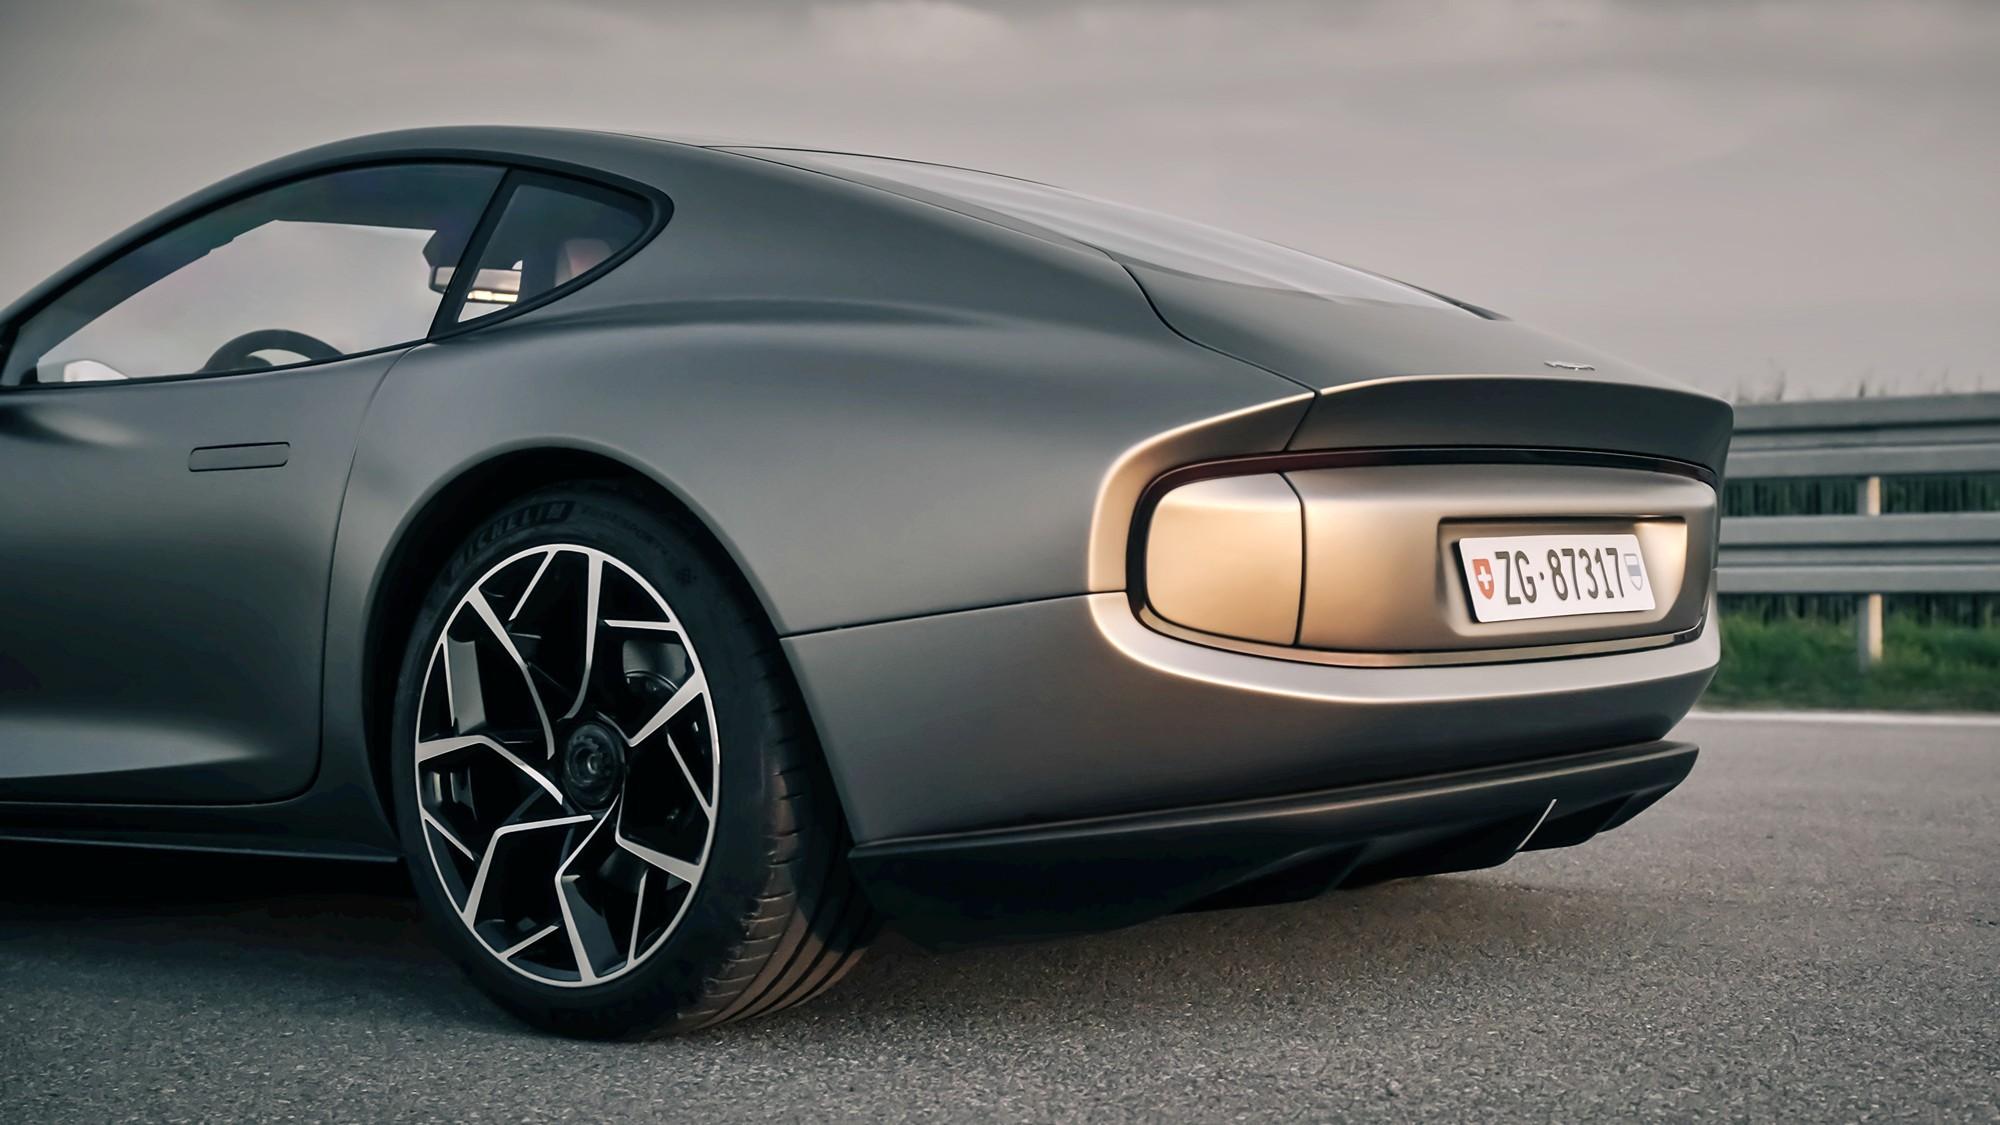 Купе Piech GT: объявлены технические характеристики, производство — в 2024 году